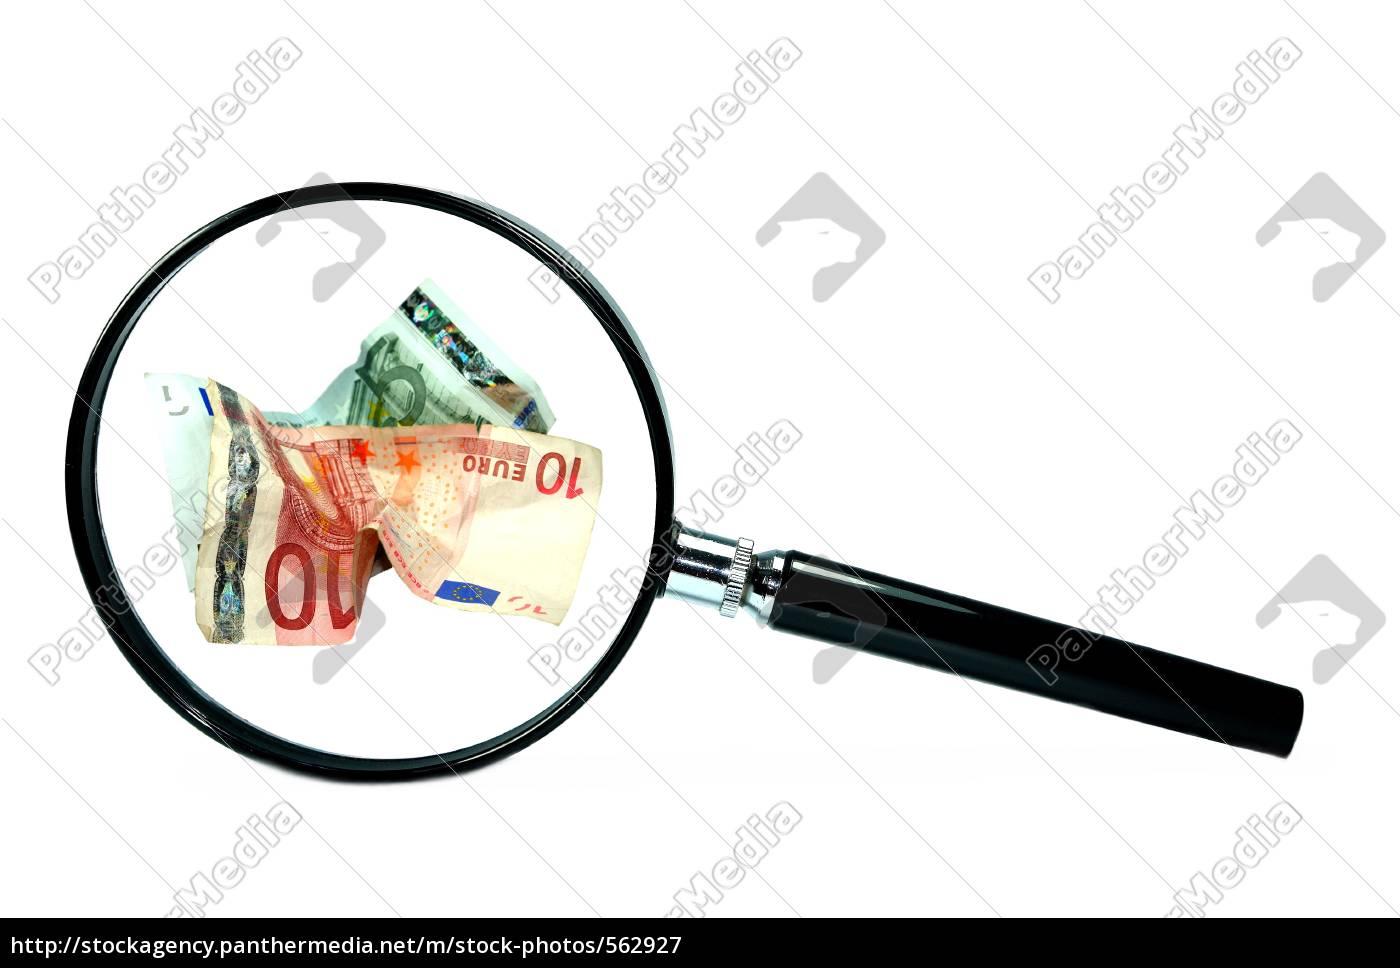 pocket, money - 562927